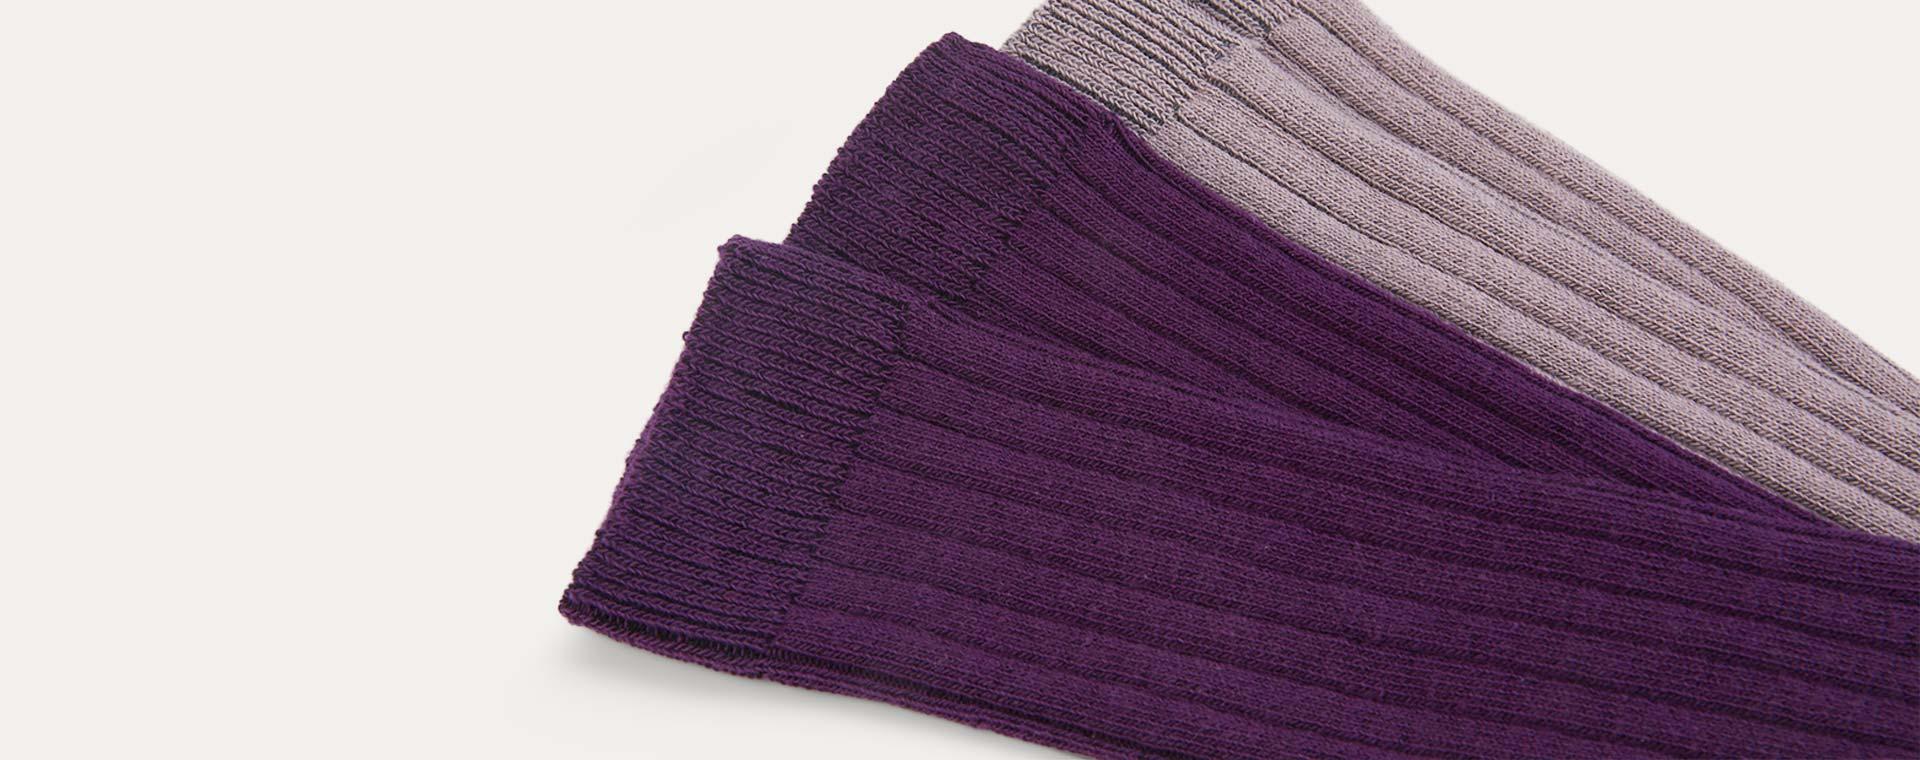 Lavender Mix KIDLY Label 2-Pack Long Socks